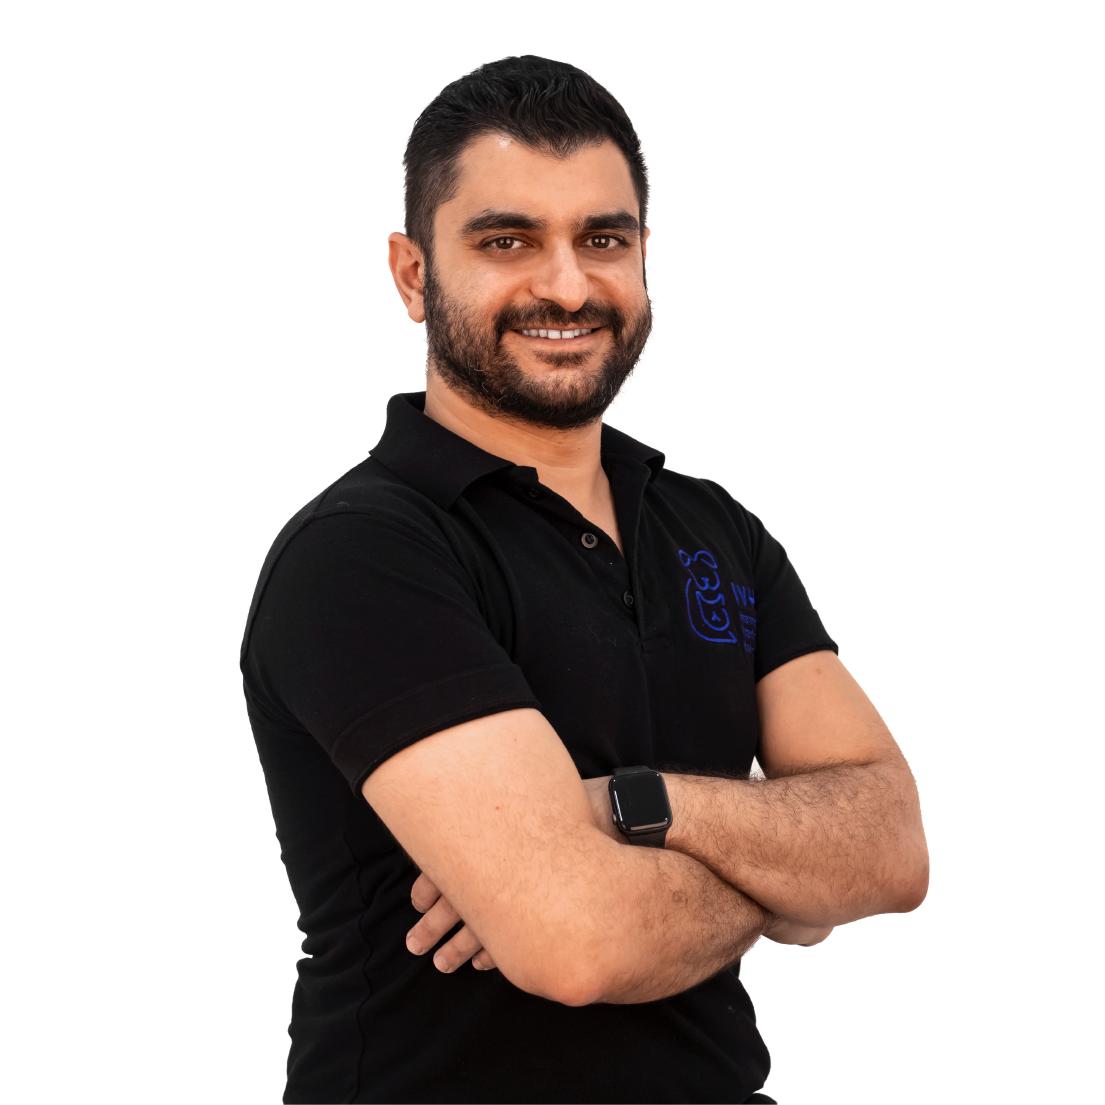 Mr. Ahmad Tahan